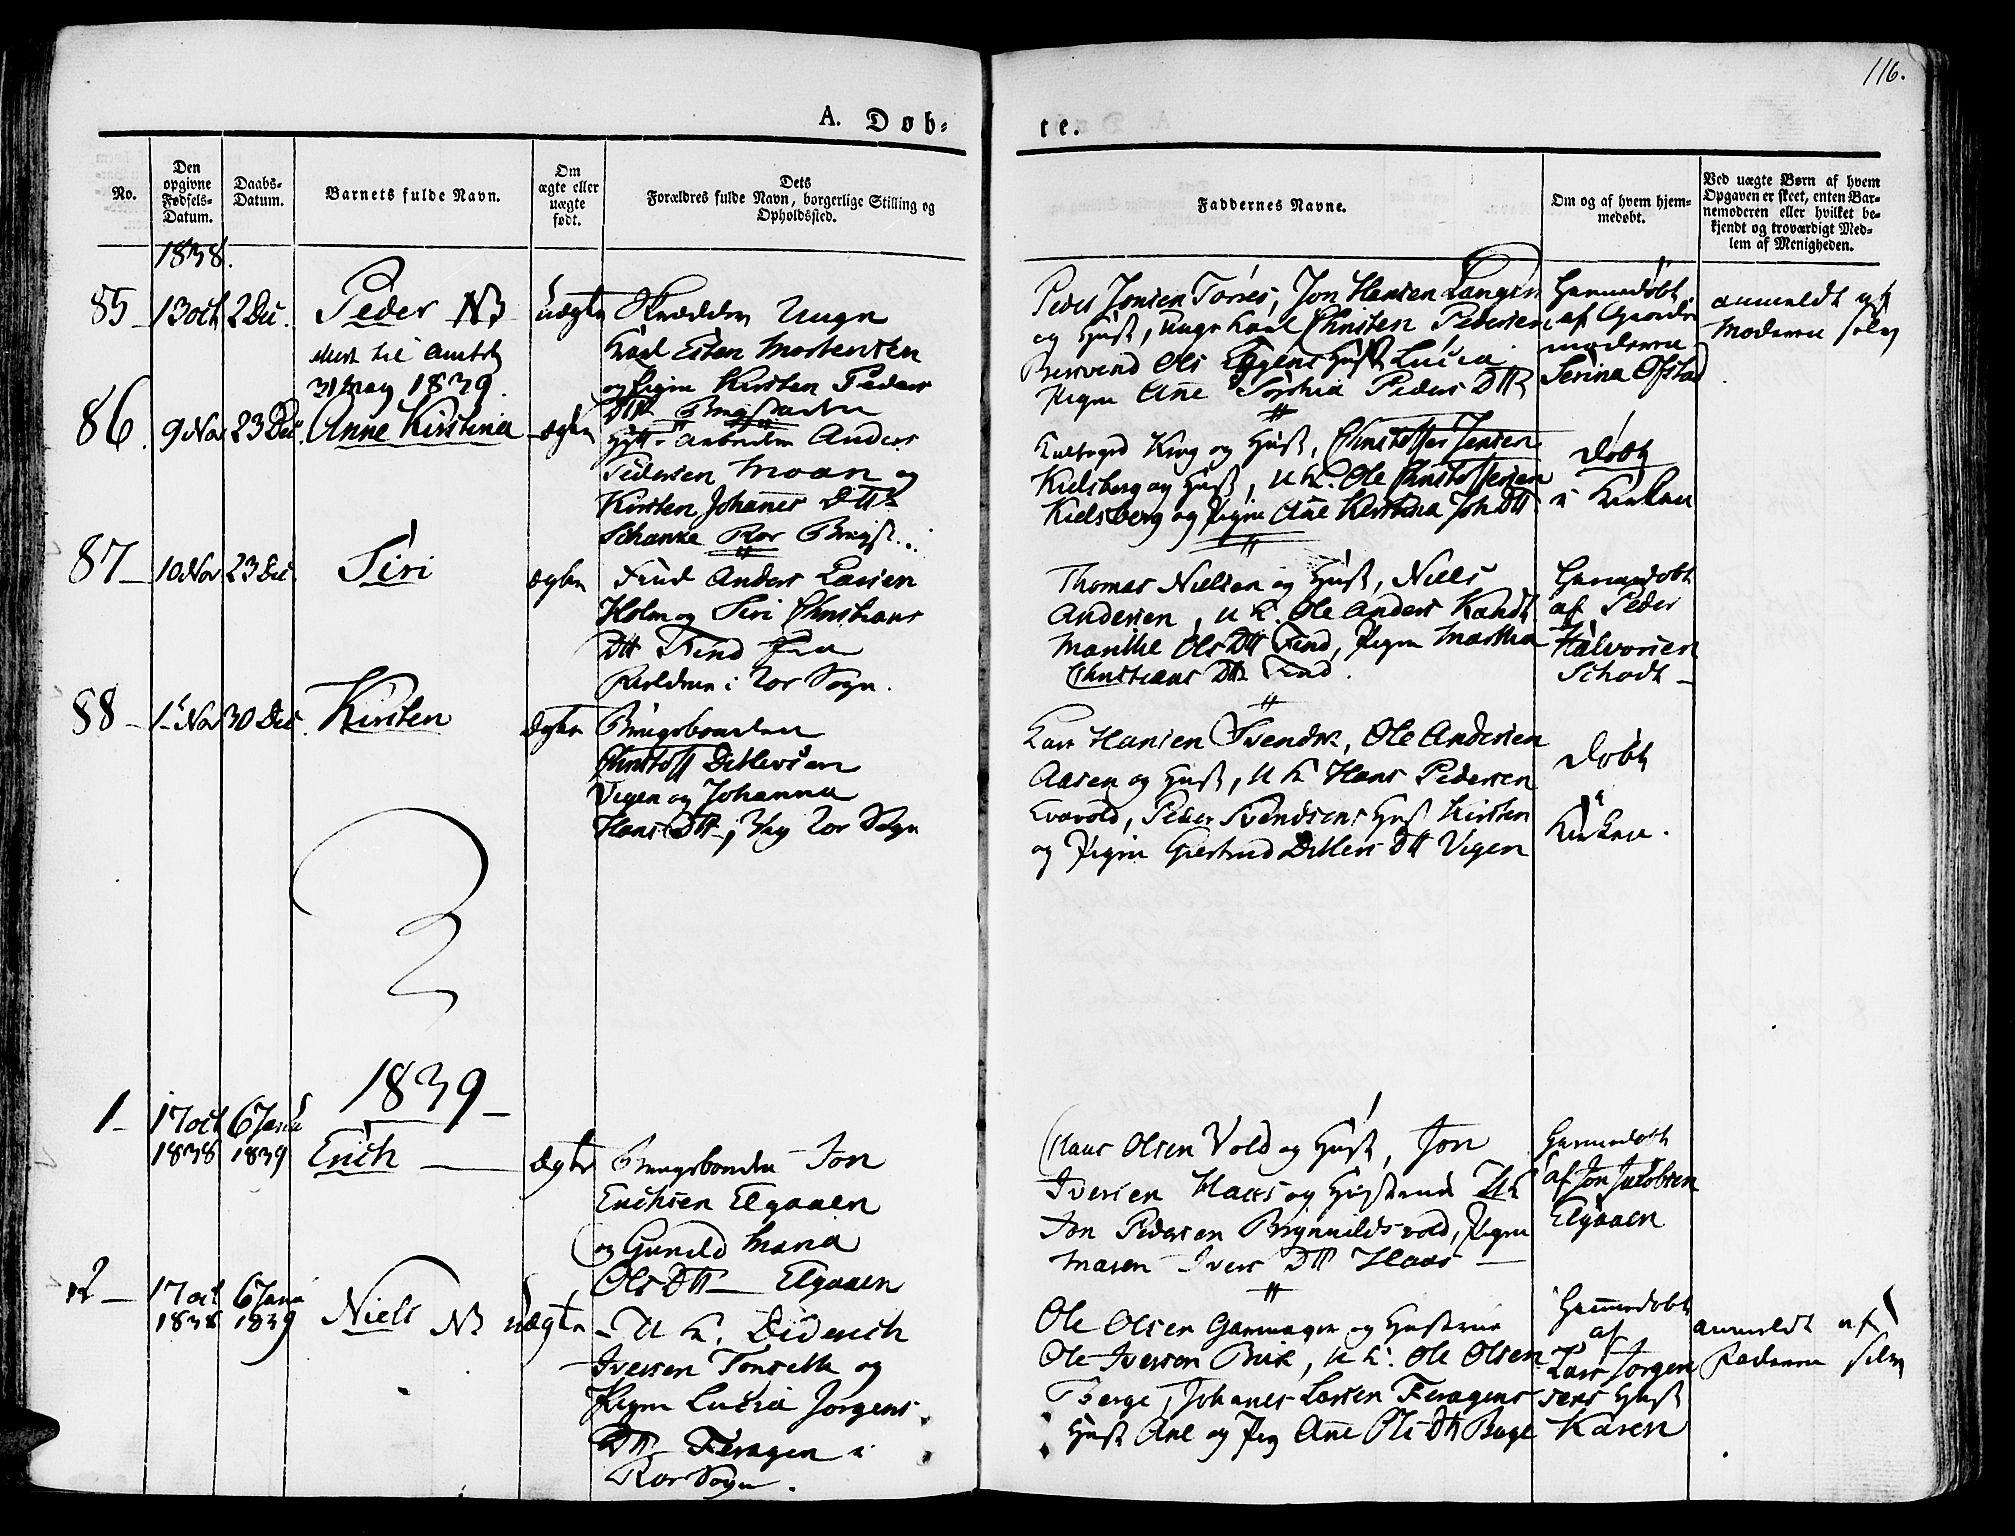 SAT, Ministerialprotokoller, klokkerbøker og fødselsregistre - Sør-Trøndelag, 681/L0930: Ministerialbok nr. 681A08, 1829-1844, s. 116